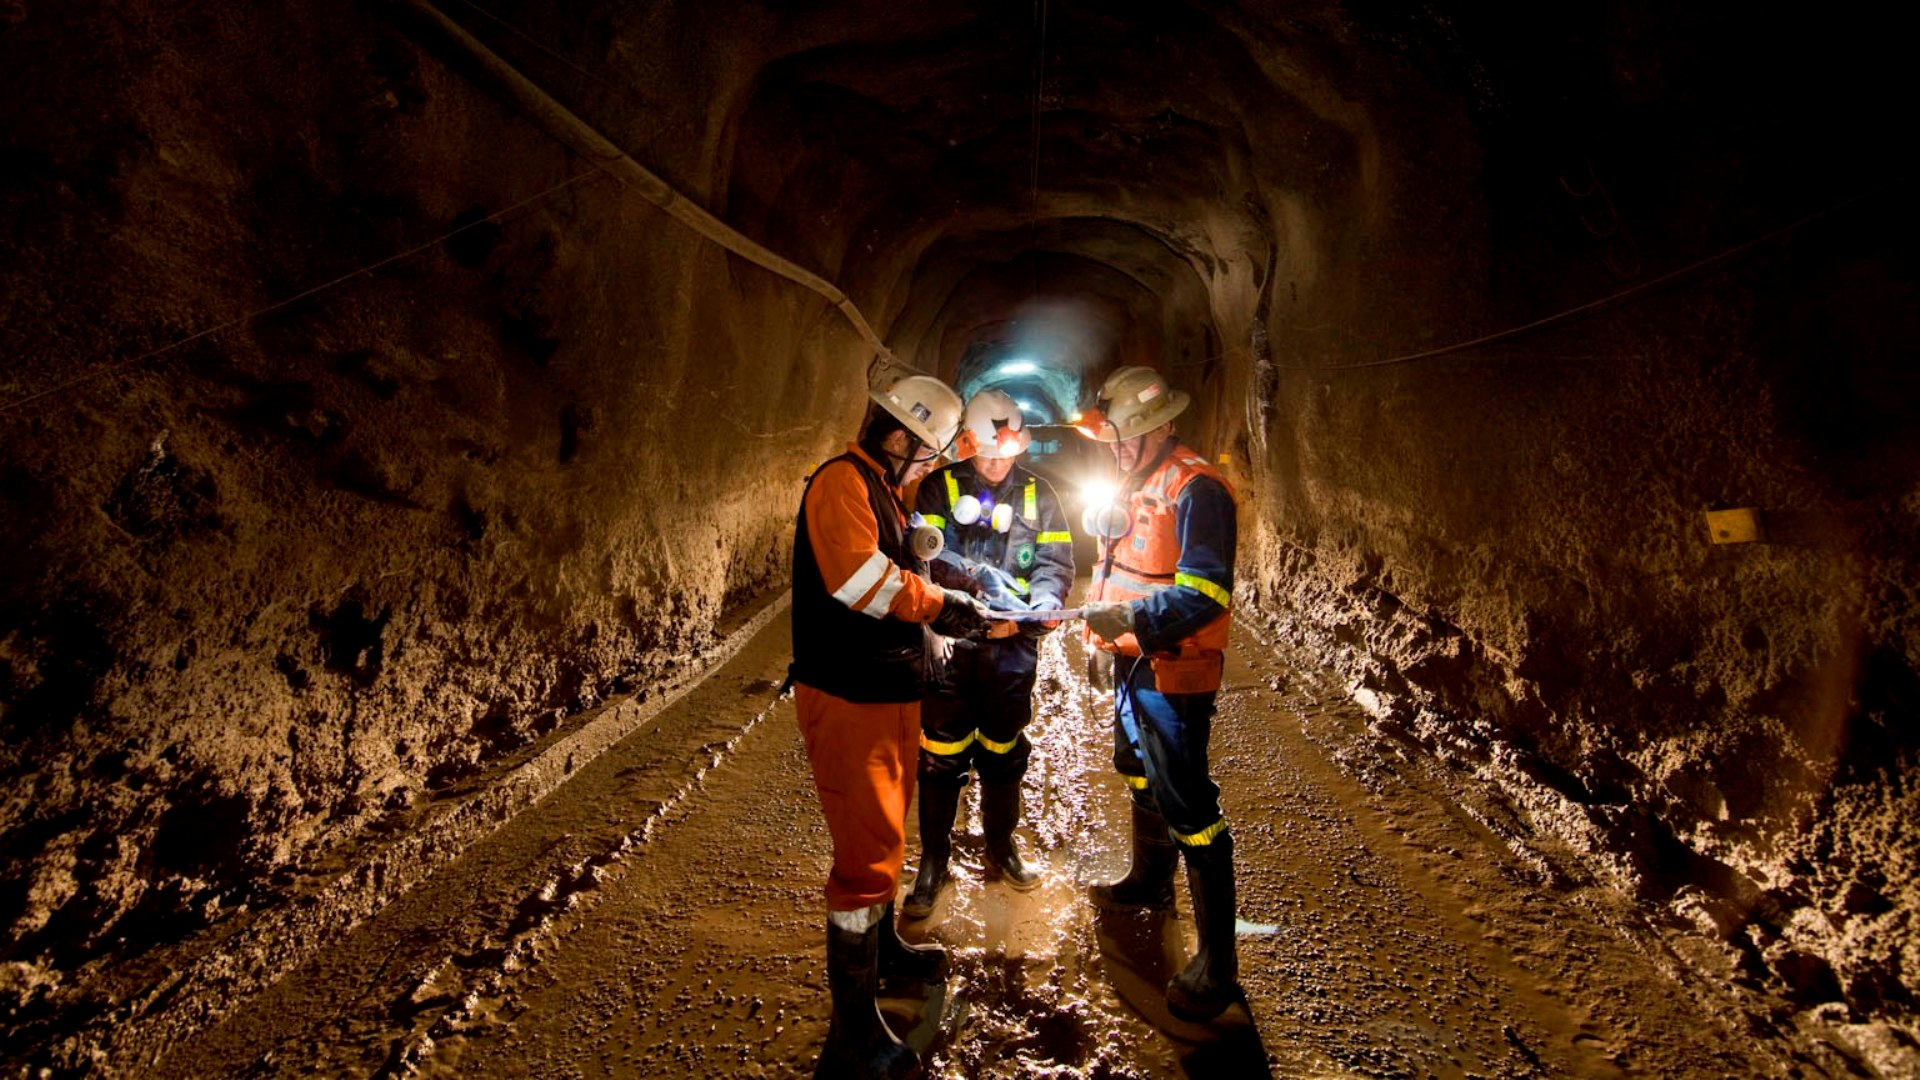 La mayoría de los accidentes mineros se dan por falta de cultura de prevención